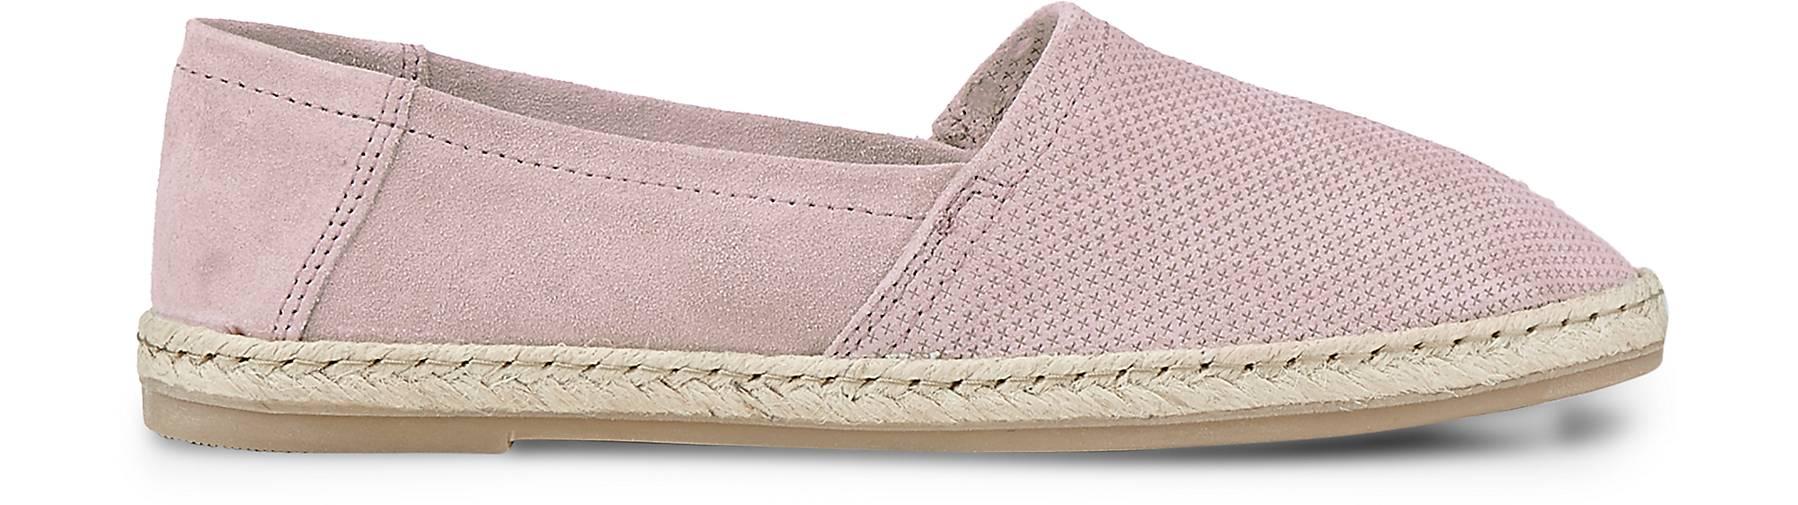 Cox Qualität Fashion-Espadrille in Rosa kaufen - 46047101 GÖRTZ Gute Qualität Cox beliebte Schuhe 197634